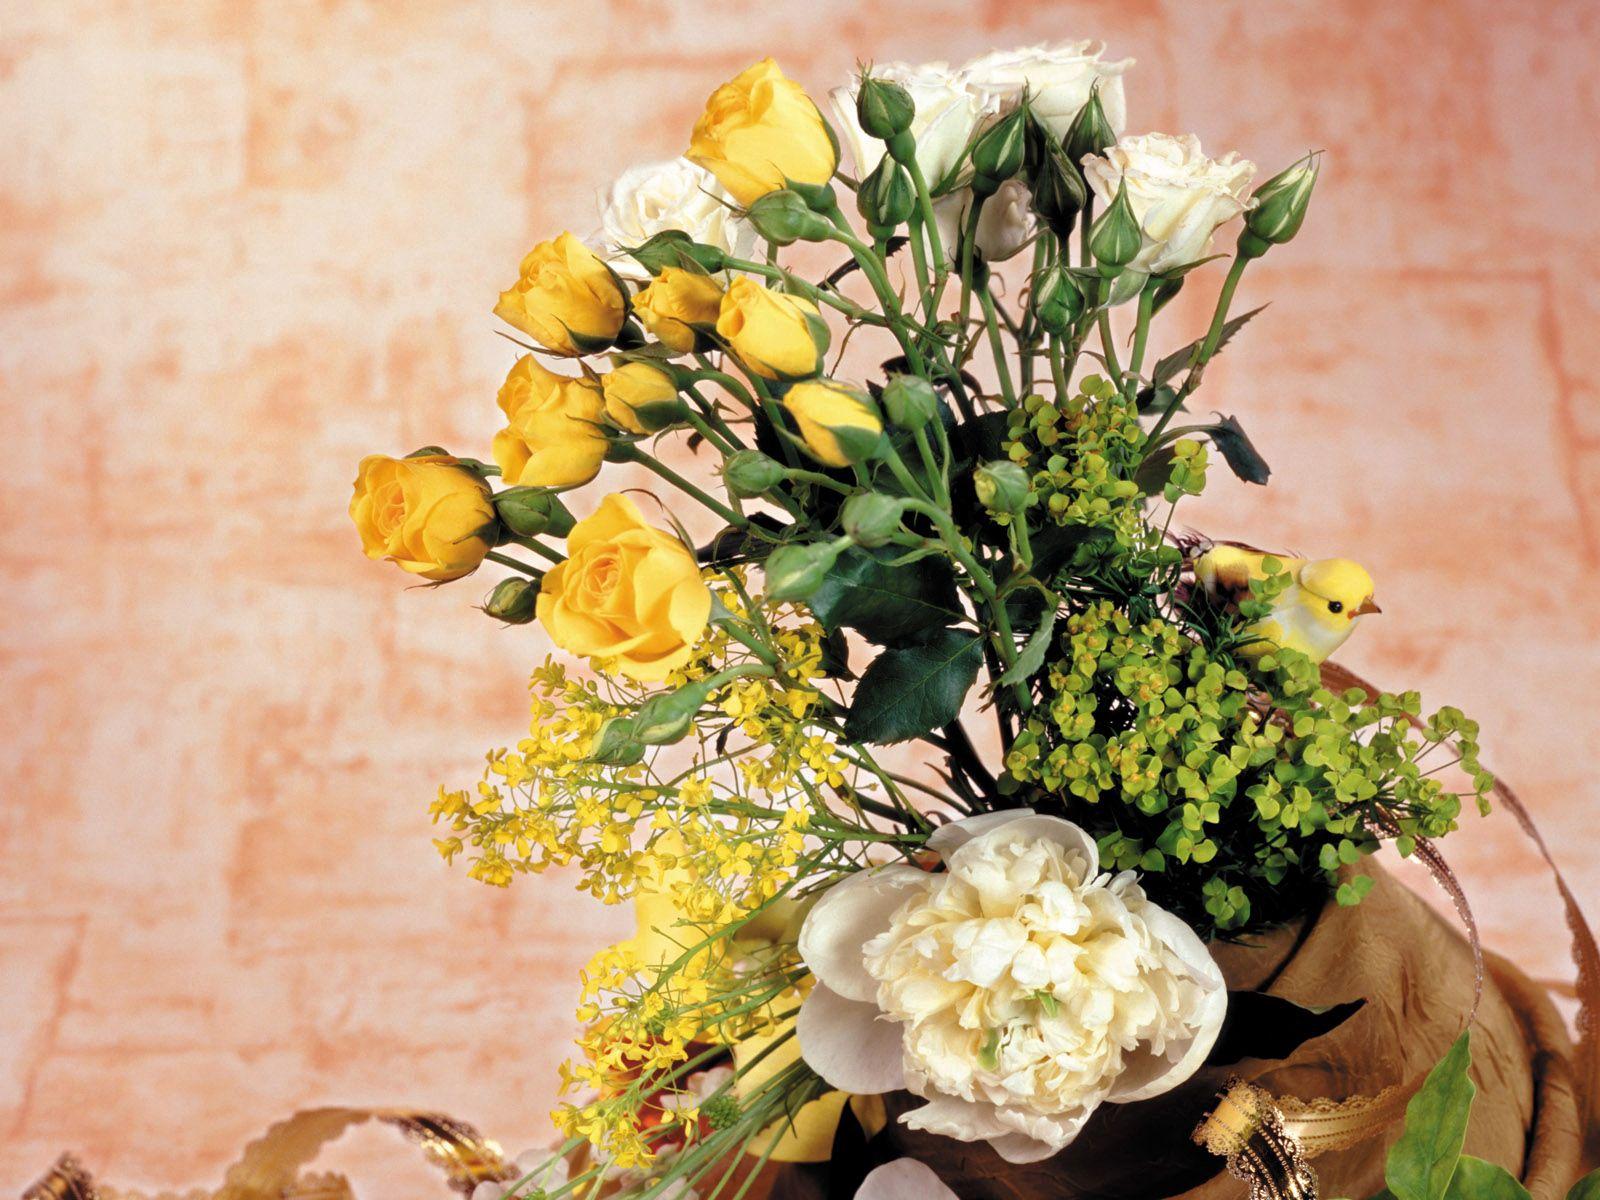 105990 скачать обои Цветы, Ваза, Искусство, Розы, Пионы - заставки и картинки бесплатно